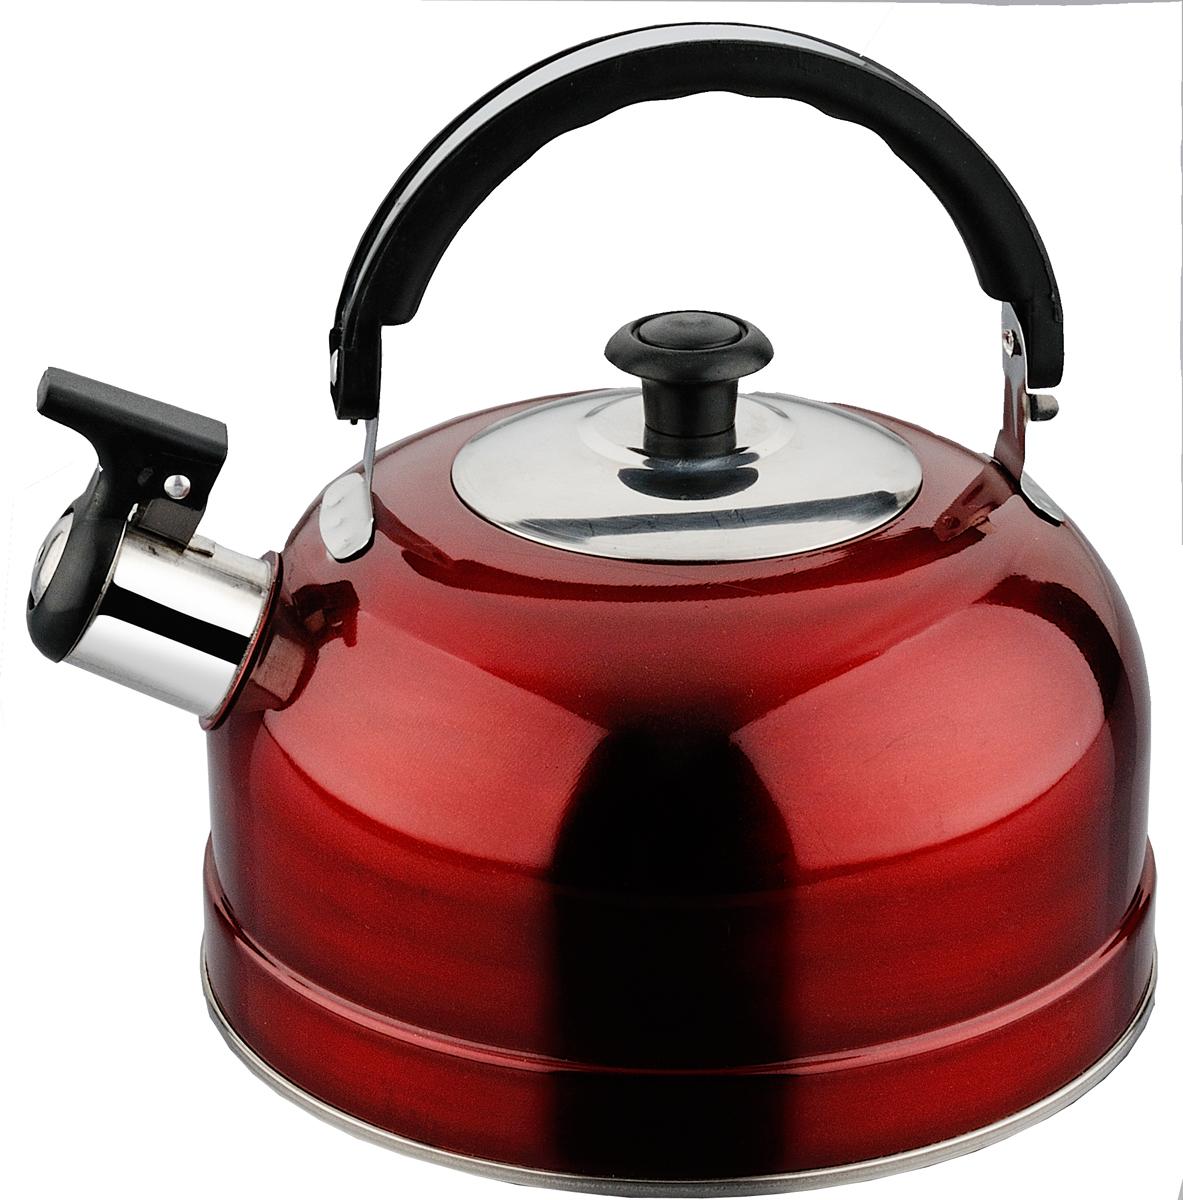 Чайник Irit, со свистком, цвет: красный, 2,5 л чайник lumme со свистком цвет золотистый 1 8 л